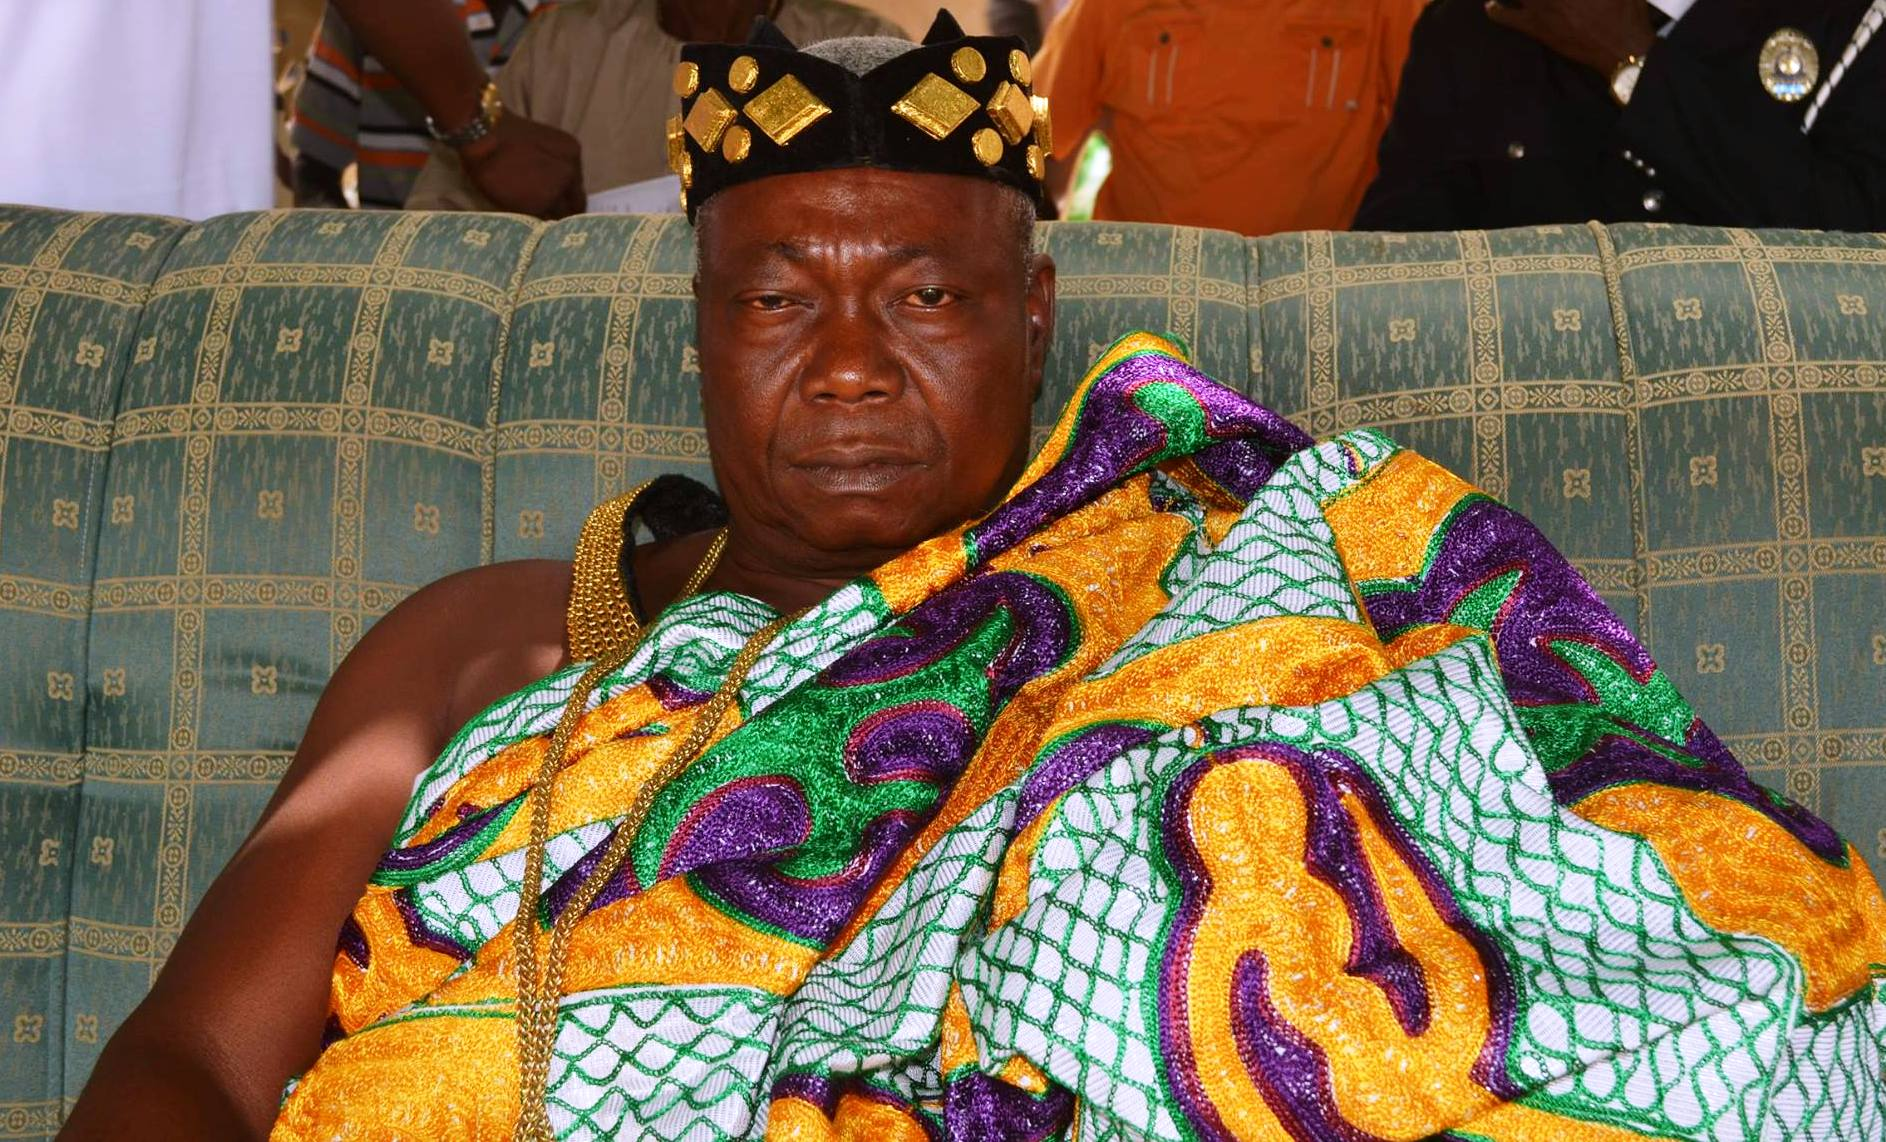 Nana Letsabi